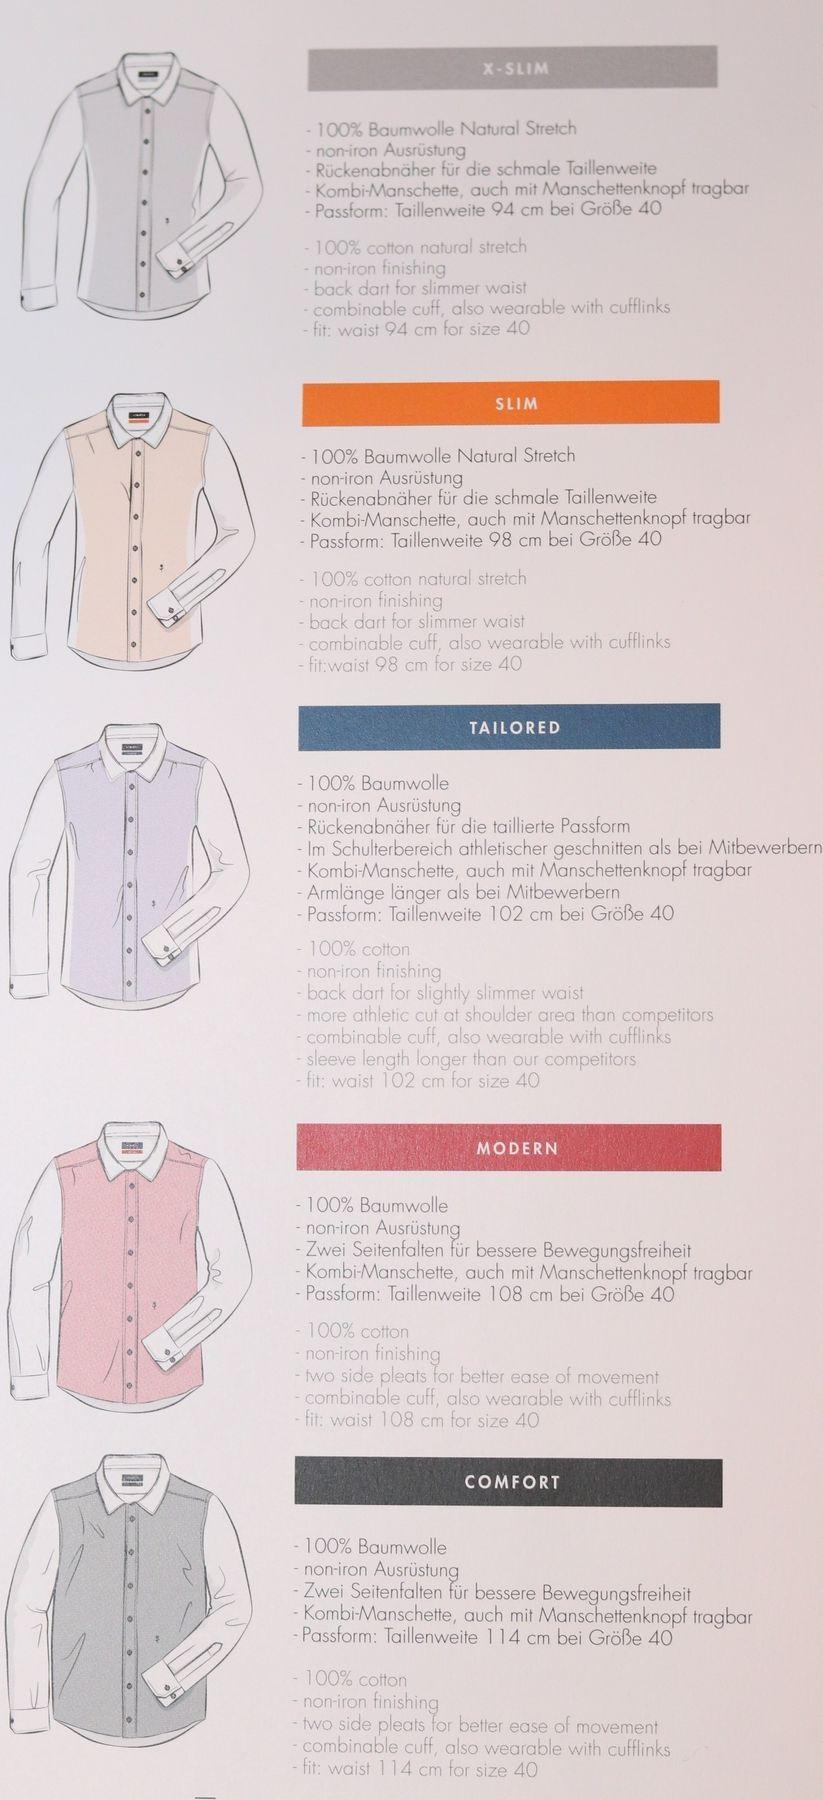 Seidensticker - Herren Hemd, Bügelfrei, Modern, Splendesto mit Kent Kragen in verschiedenen Farben (01.111846) – Bild 14